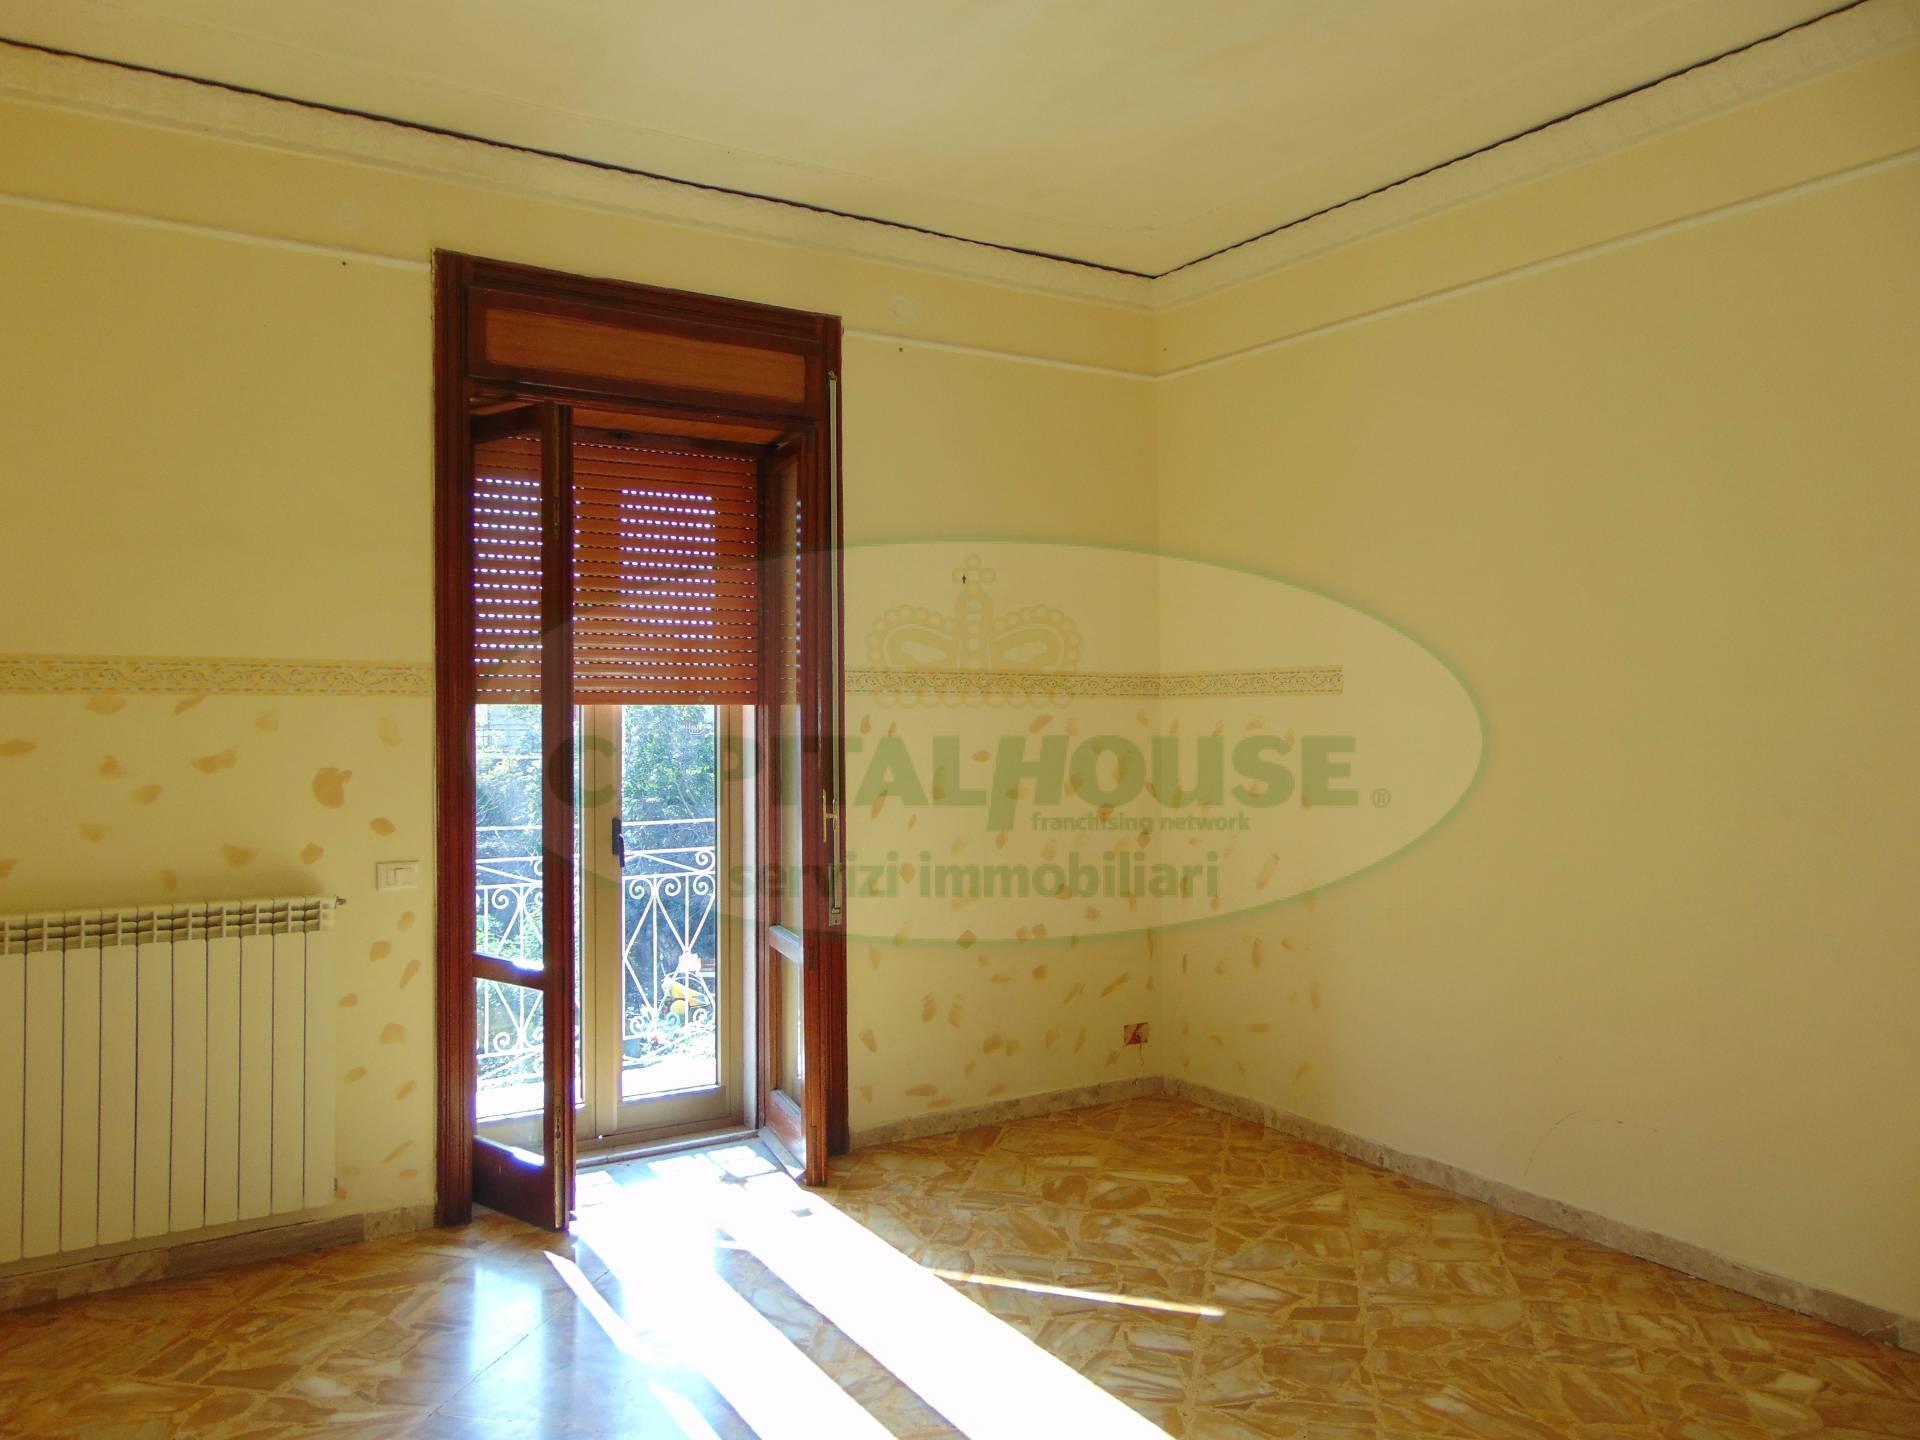 Appartamento in affitto a Santa Maria Capua Vetere, 2 locali, zona Località: ZonaconfinidiS.Tammaro, prezzo € 300   CambioCasa.it